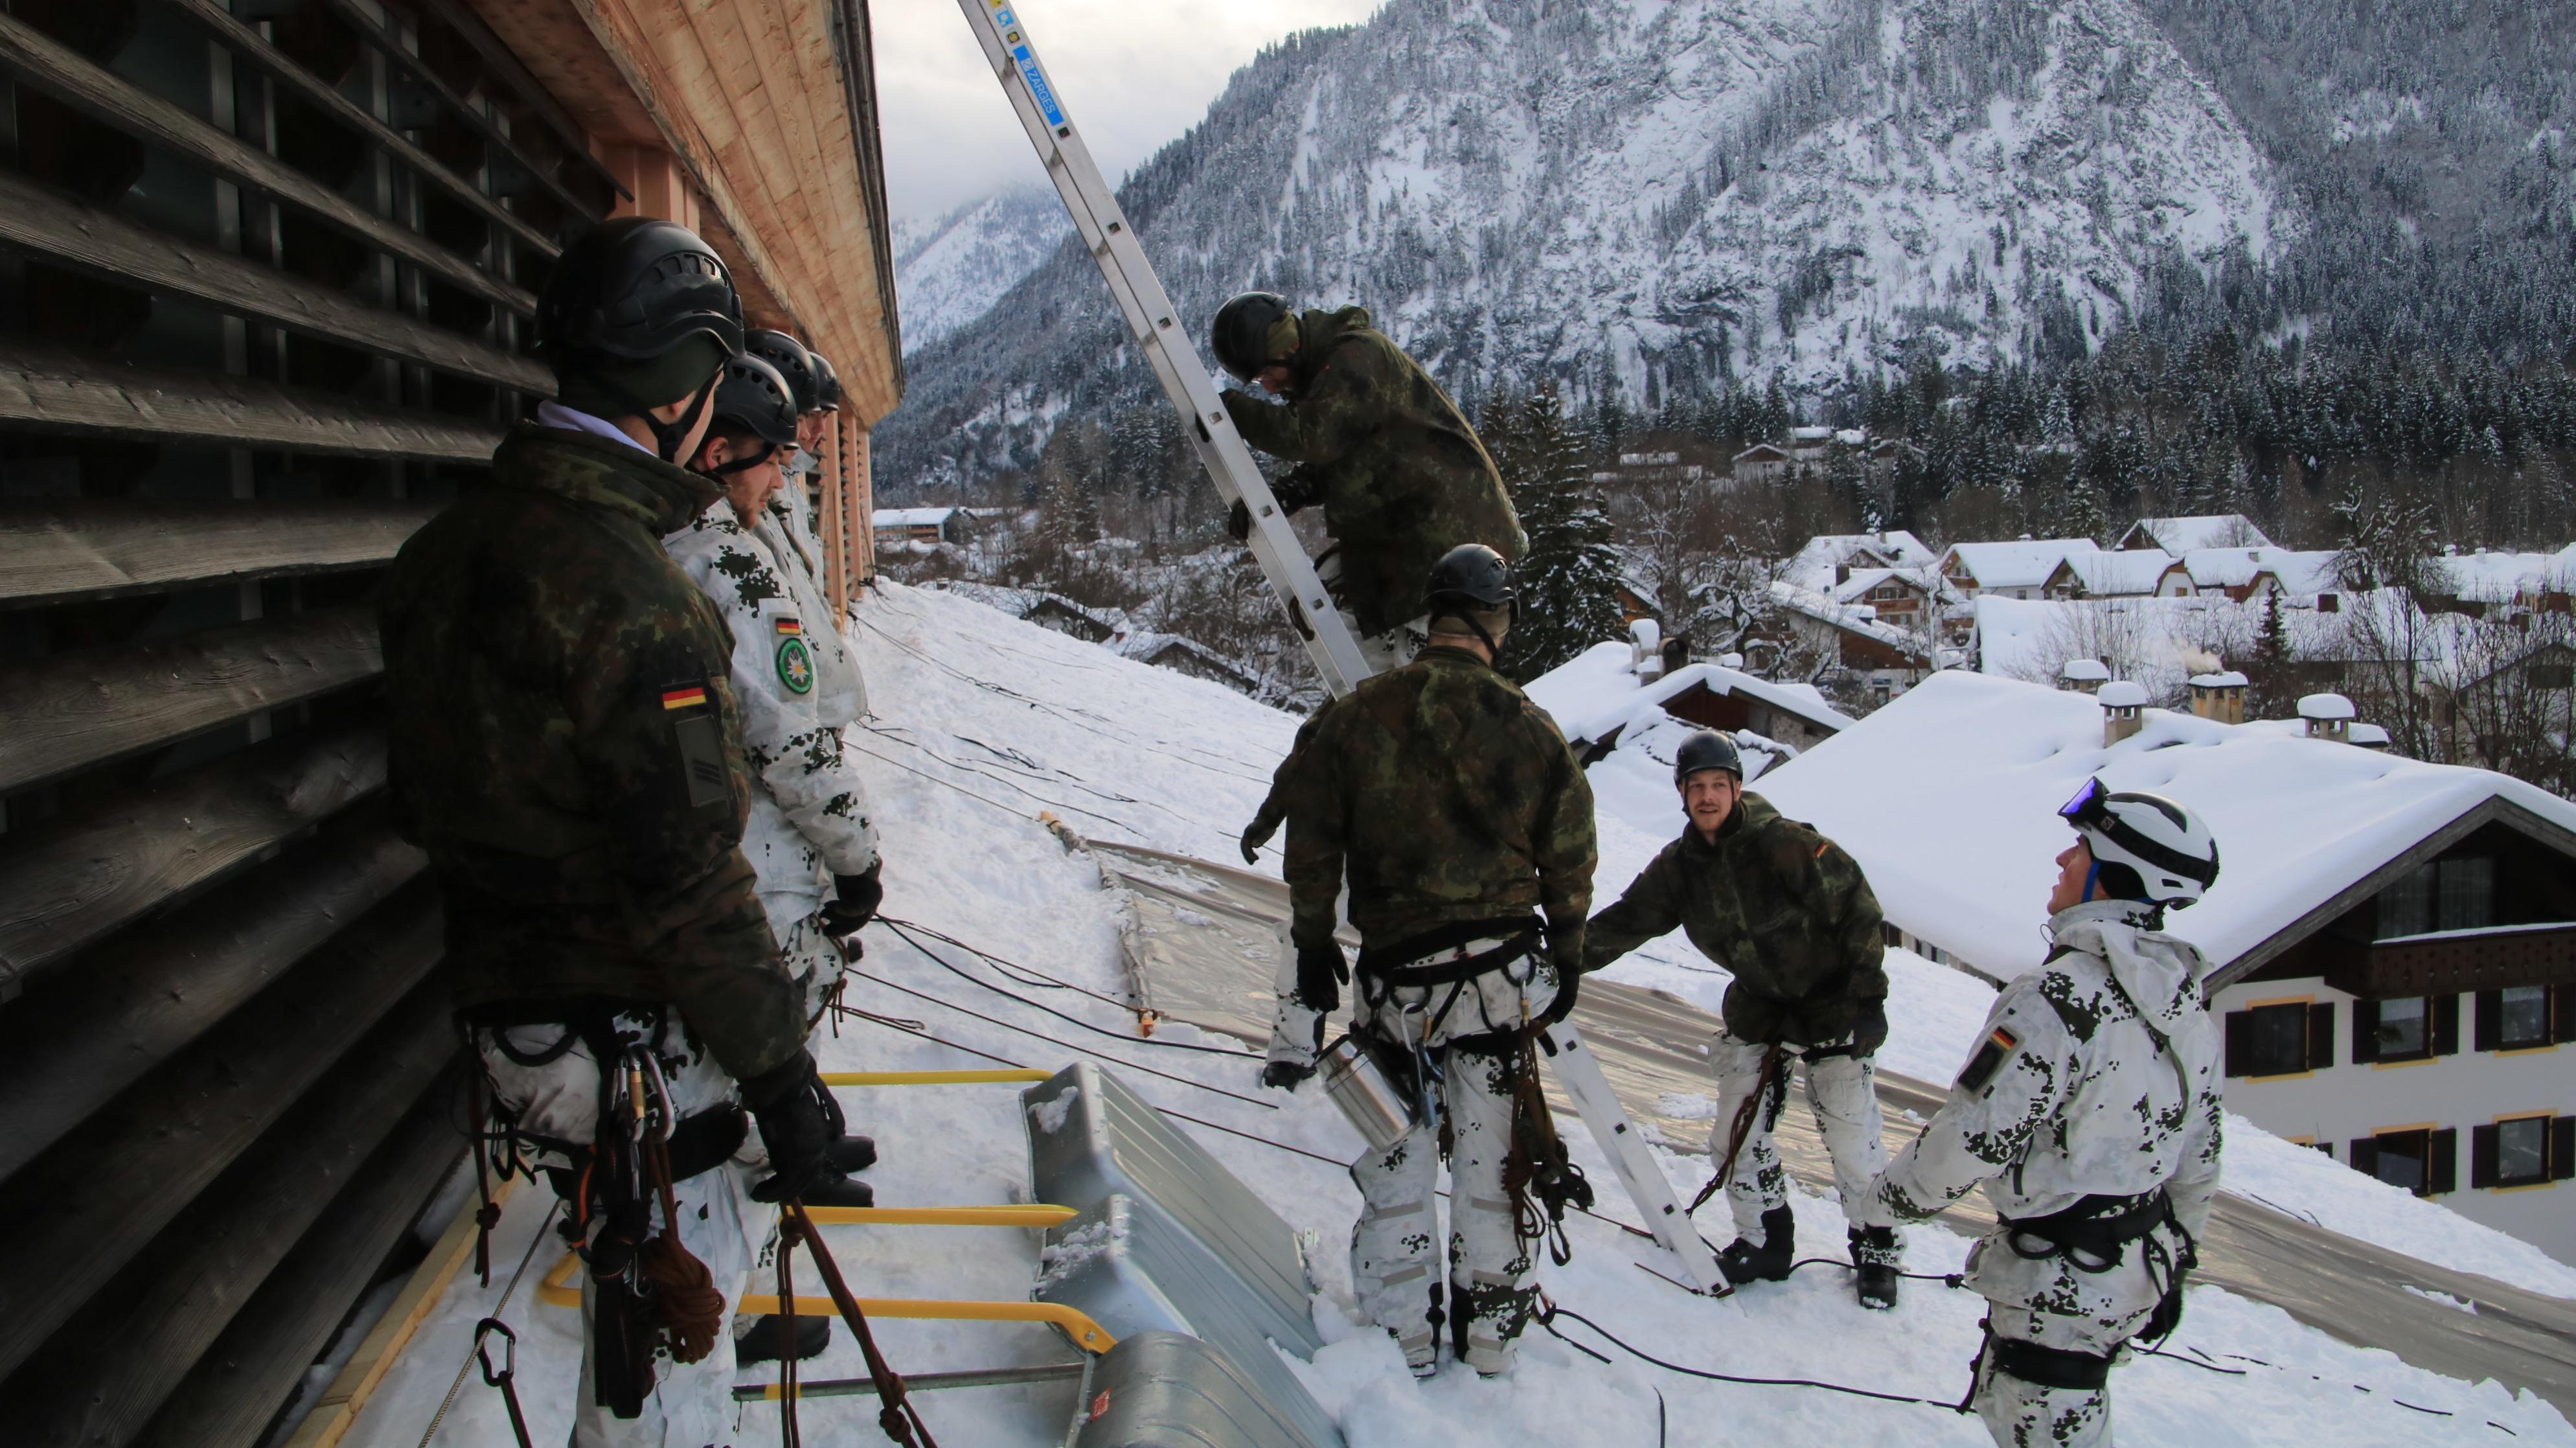 Gebirgsjäger kämpfen mit den Schneemassen auch auf dem Dach des Passionstheaters in Oberammergau.